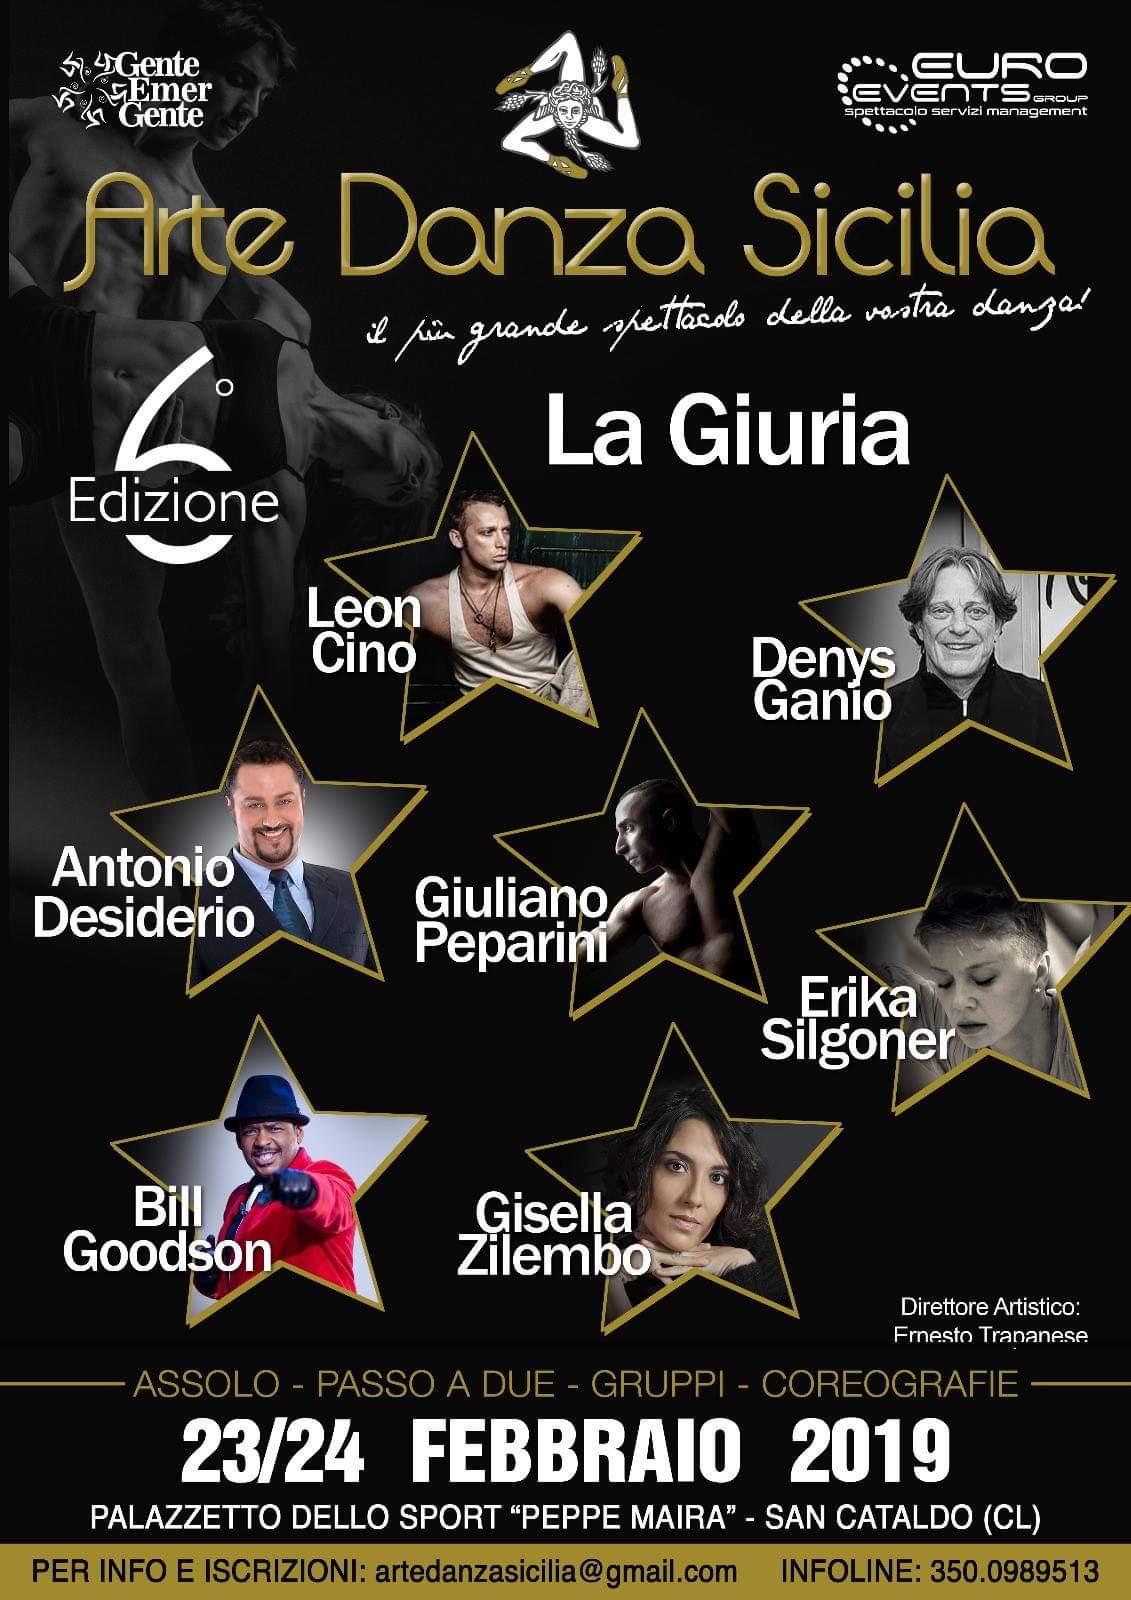 ARTE DANZA SICILIA 2019